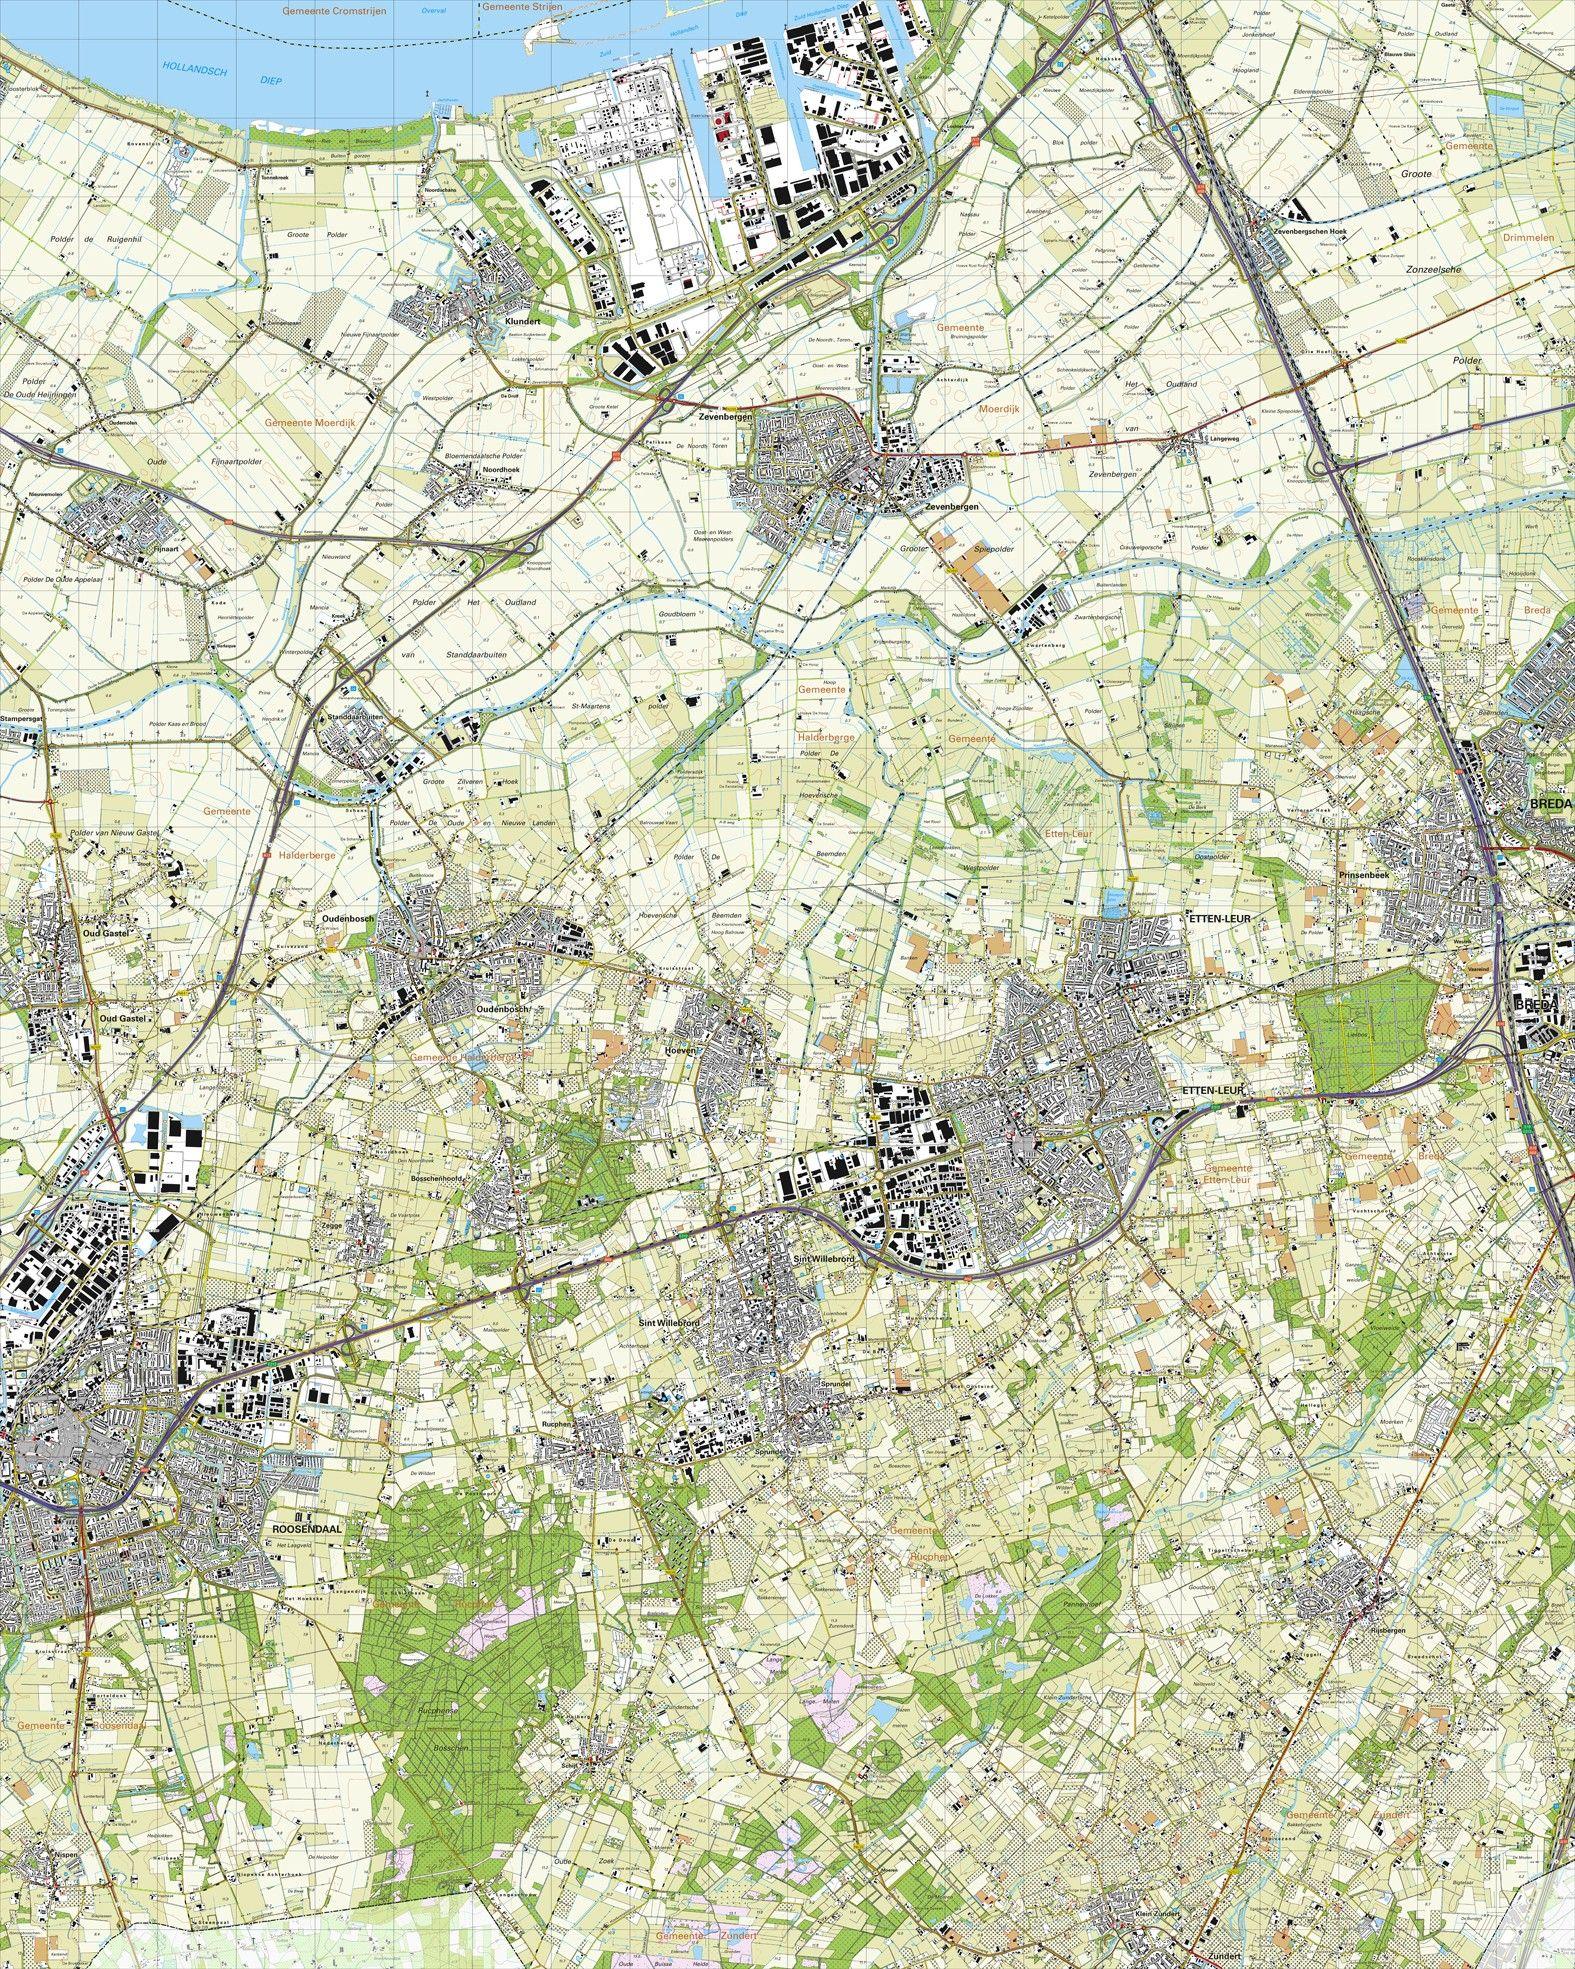 Topografische kaart schaal 1:25.000 (Roosendaal, Etten-Leur, Breda, Zevenbergen, Moerdijk, Rucphen)